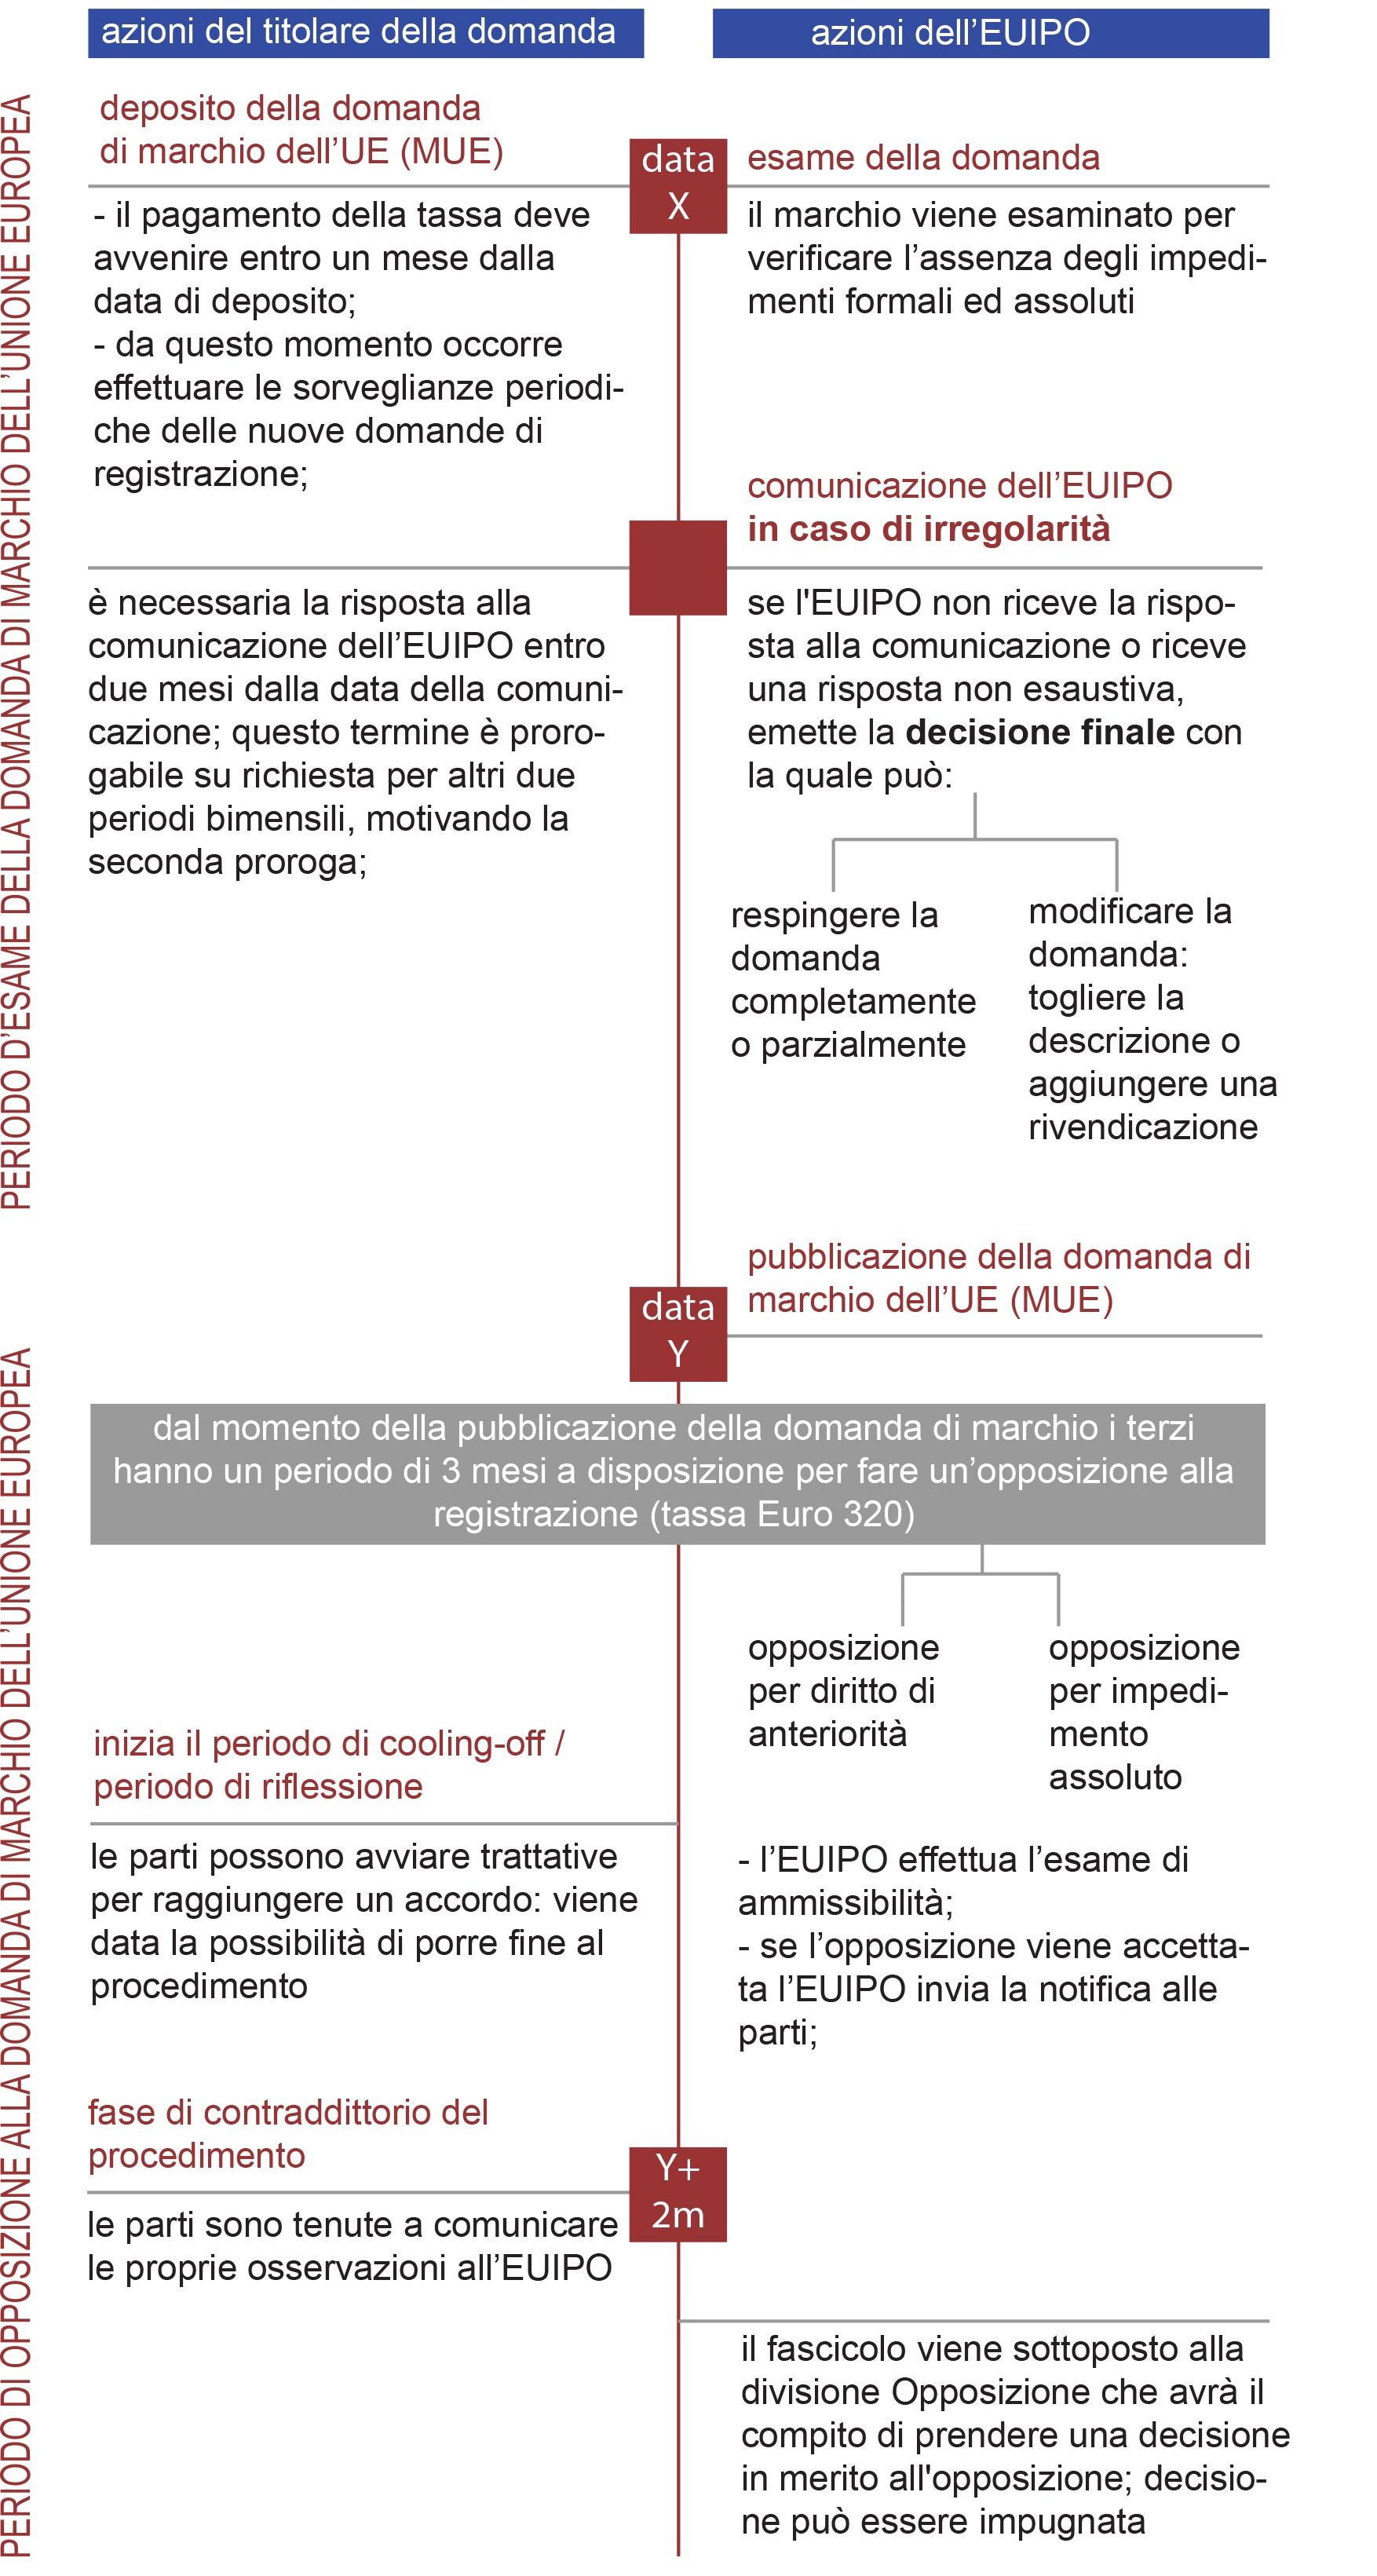 procedura di registrazione del marchio dell'UE